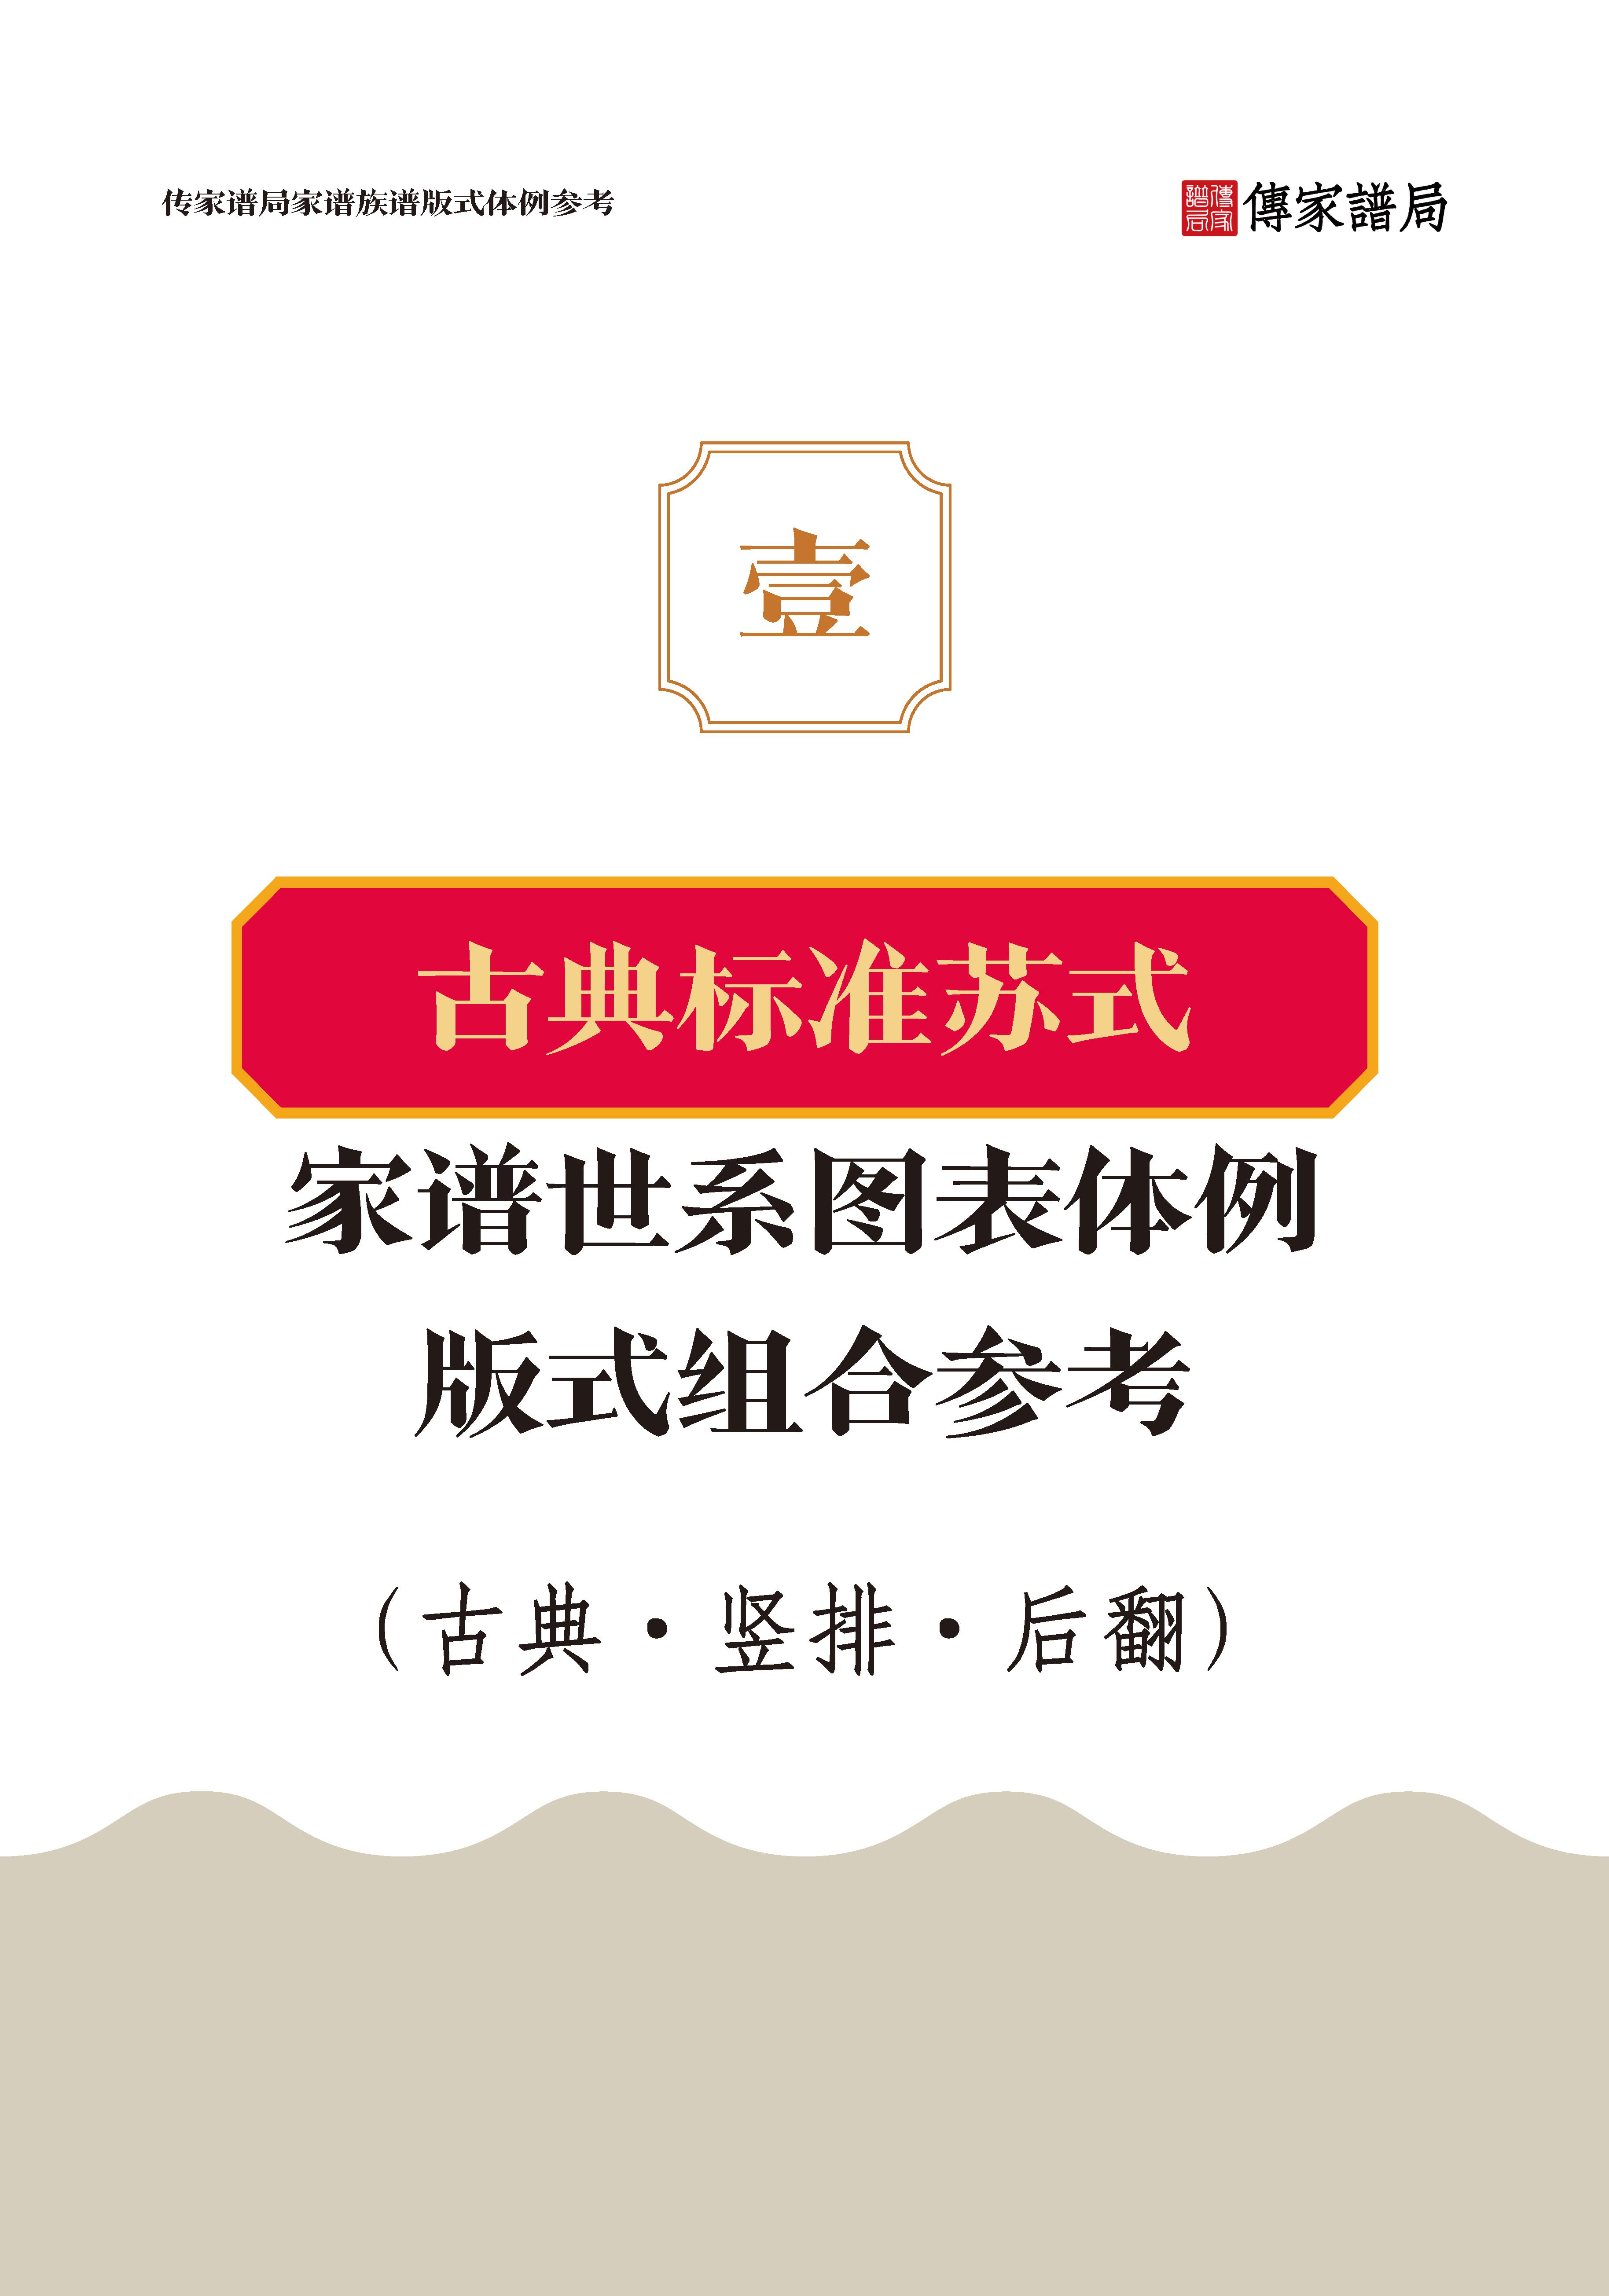 页面提取自-11古典标准苏式_页面_1